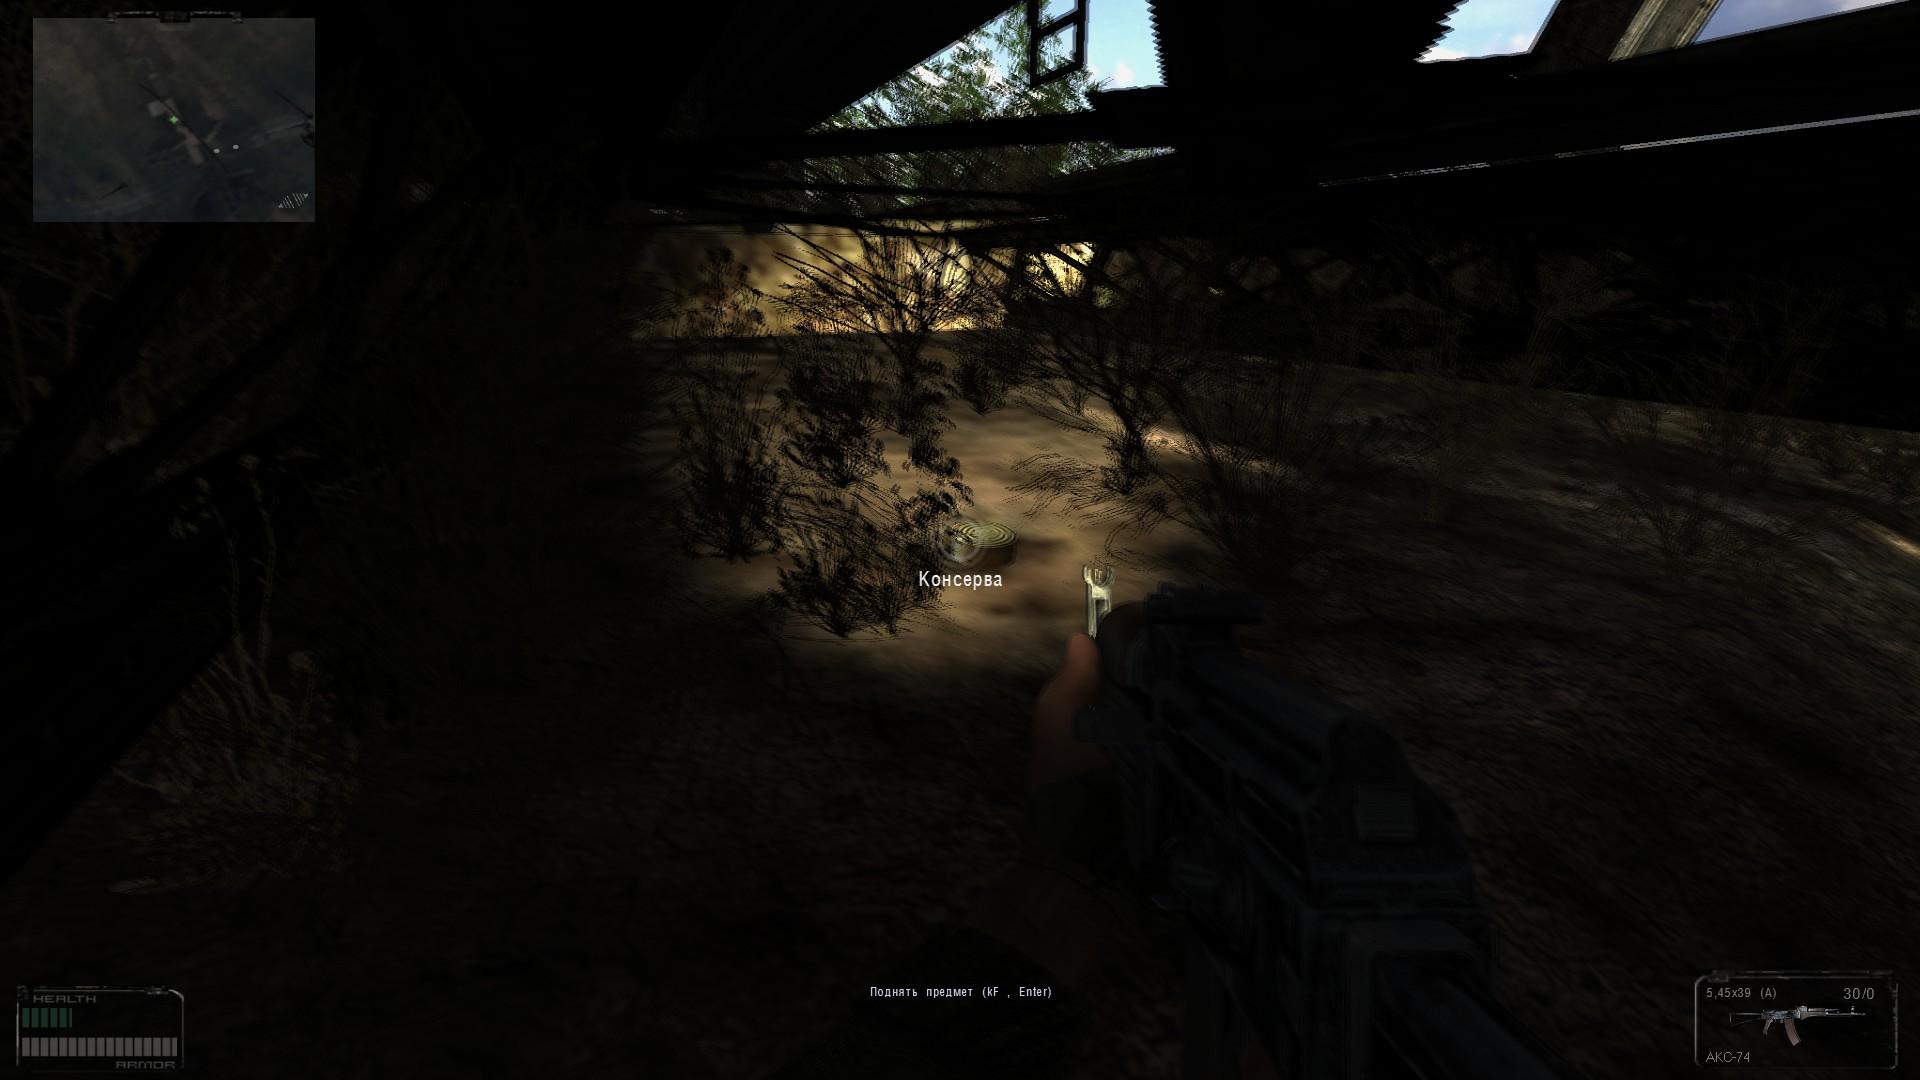 Oblivion Lost Remake 2.5 image 39